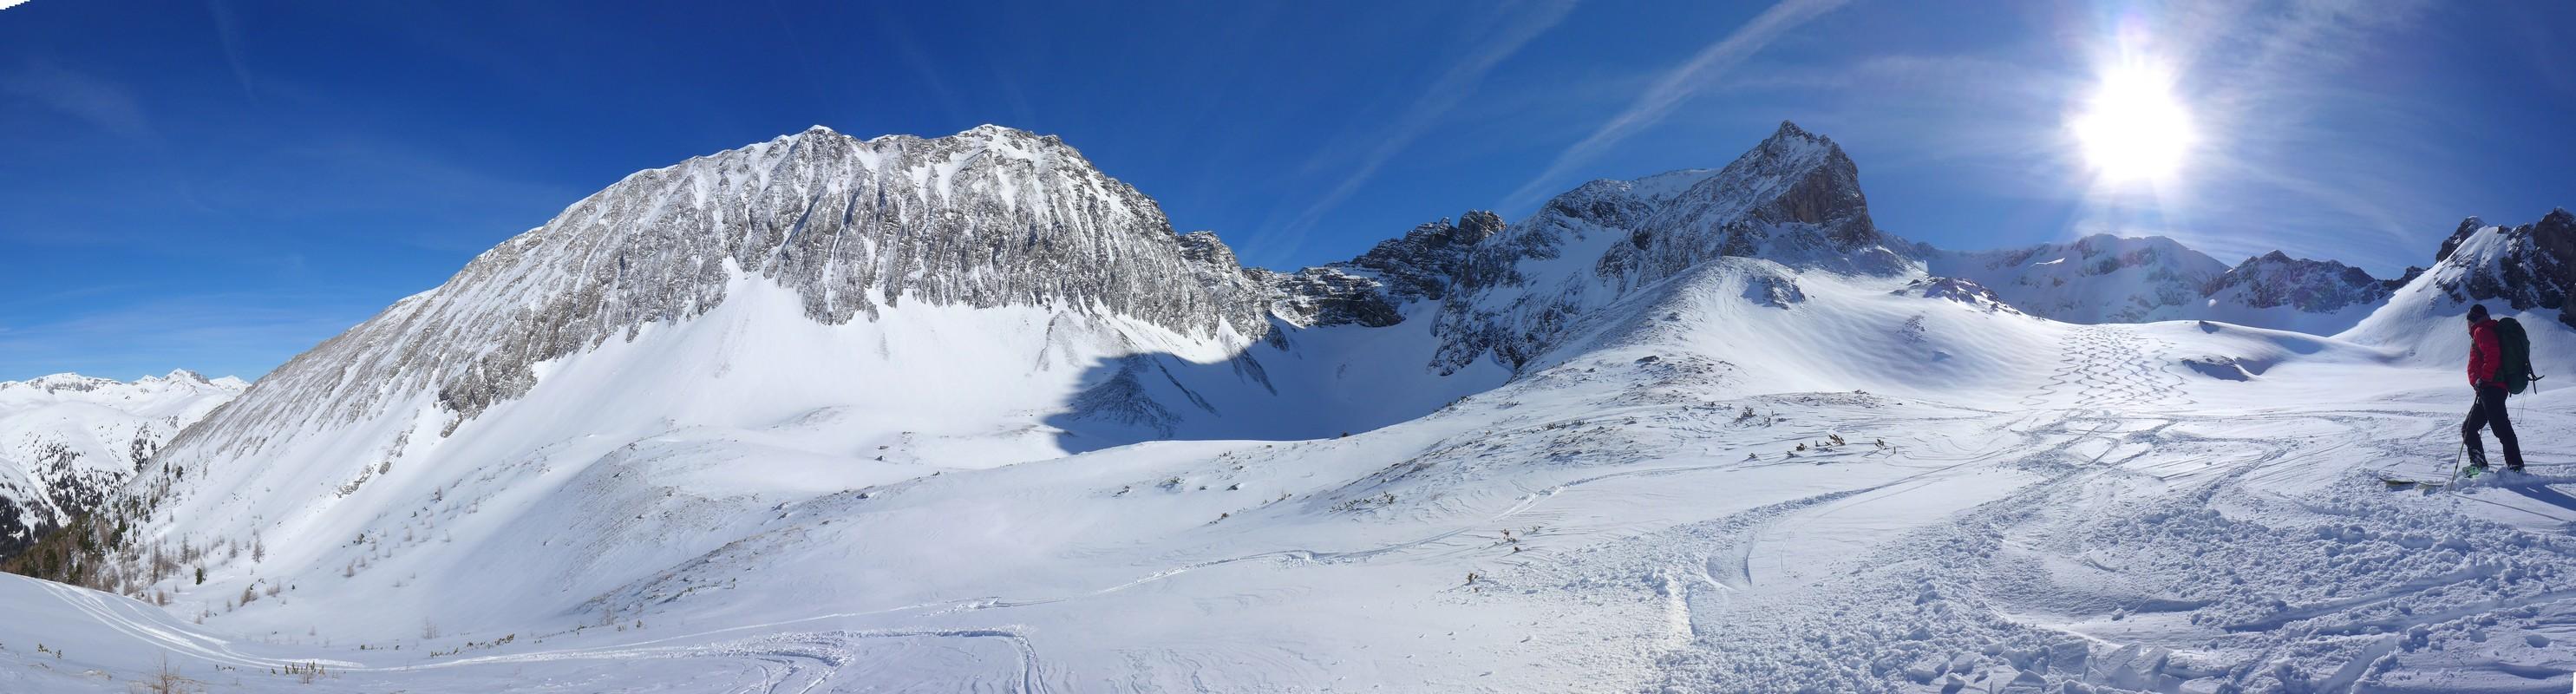 Weisseck Niedere Tauern Rakousko panorama 39